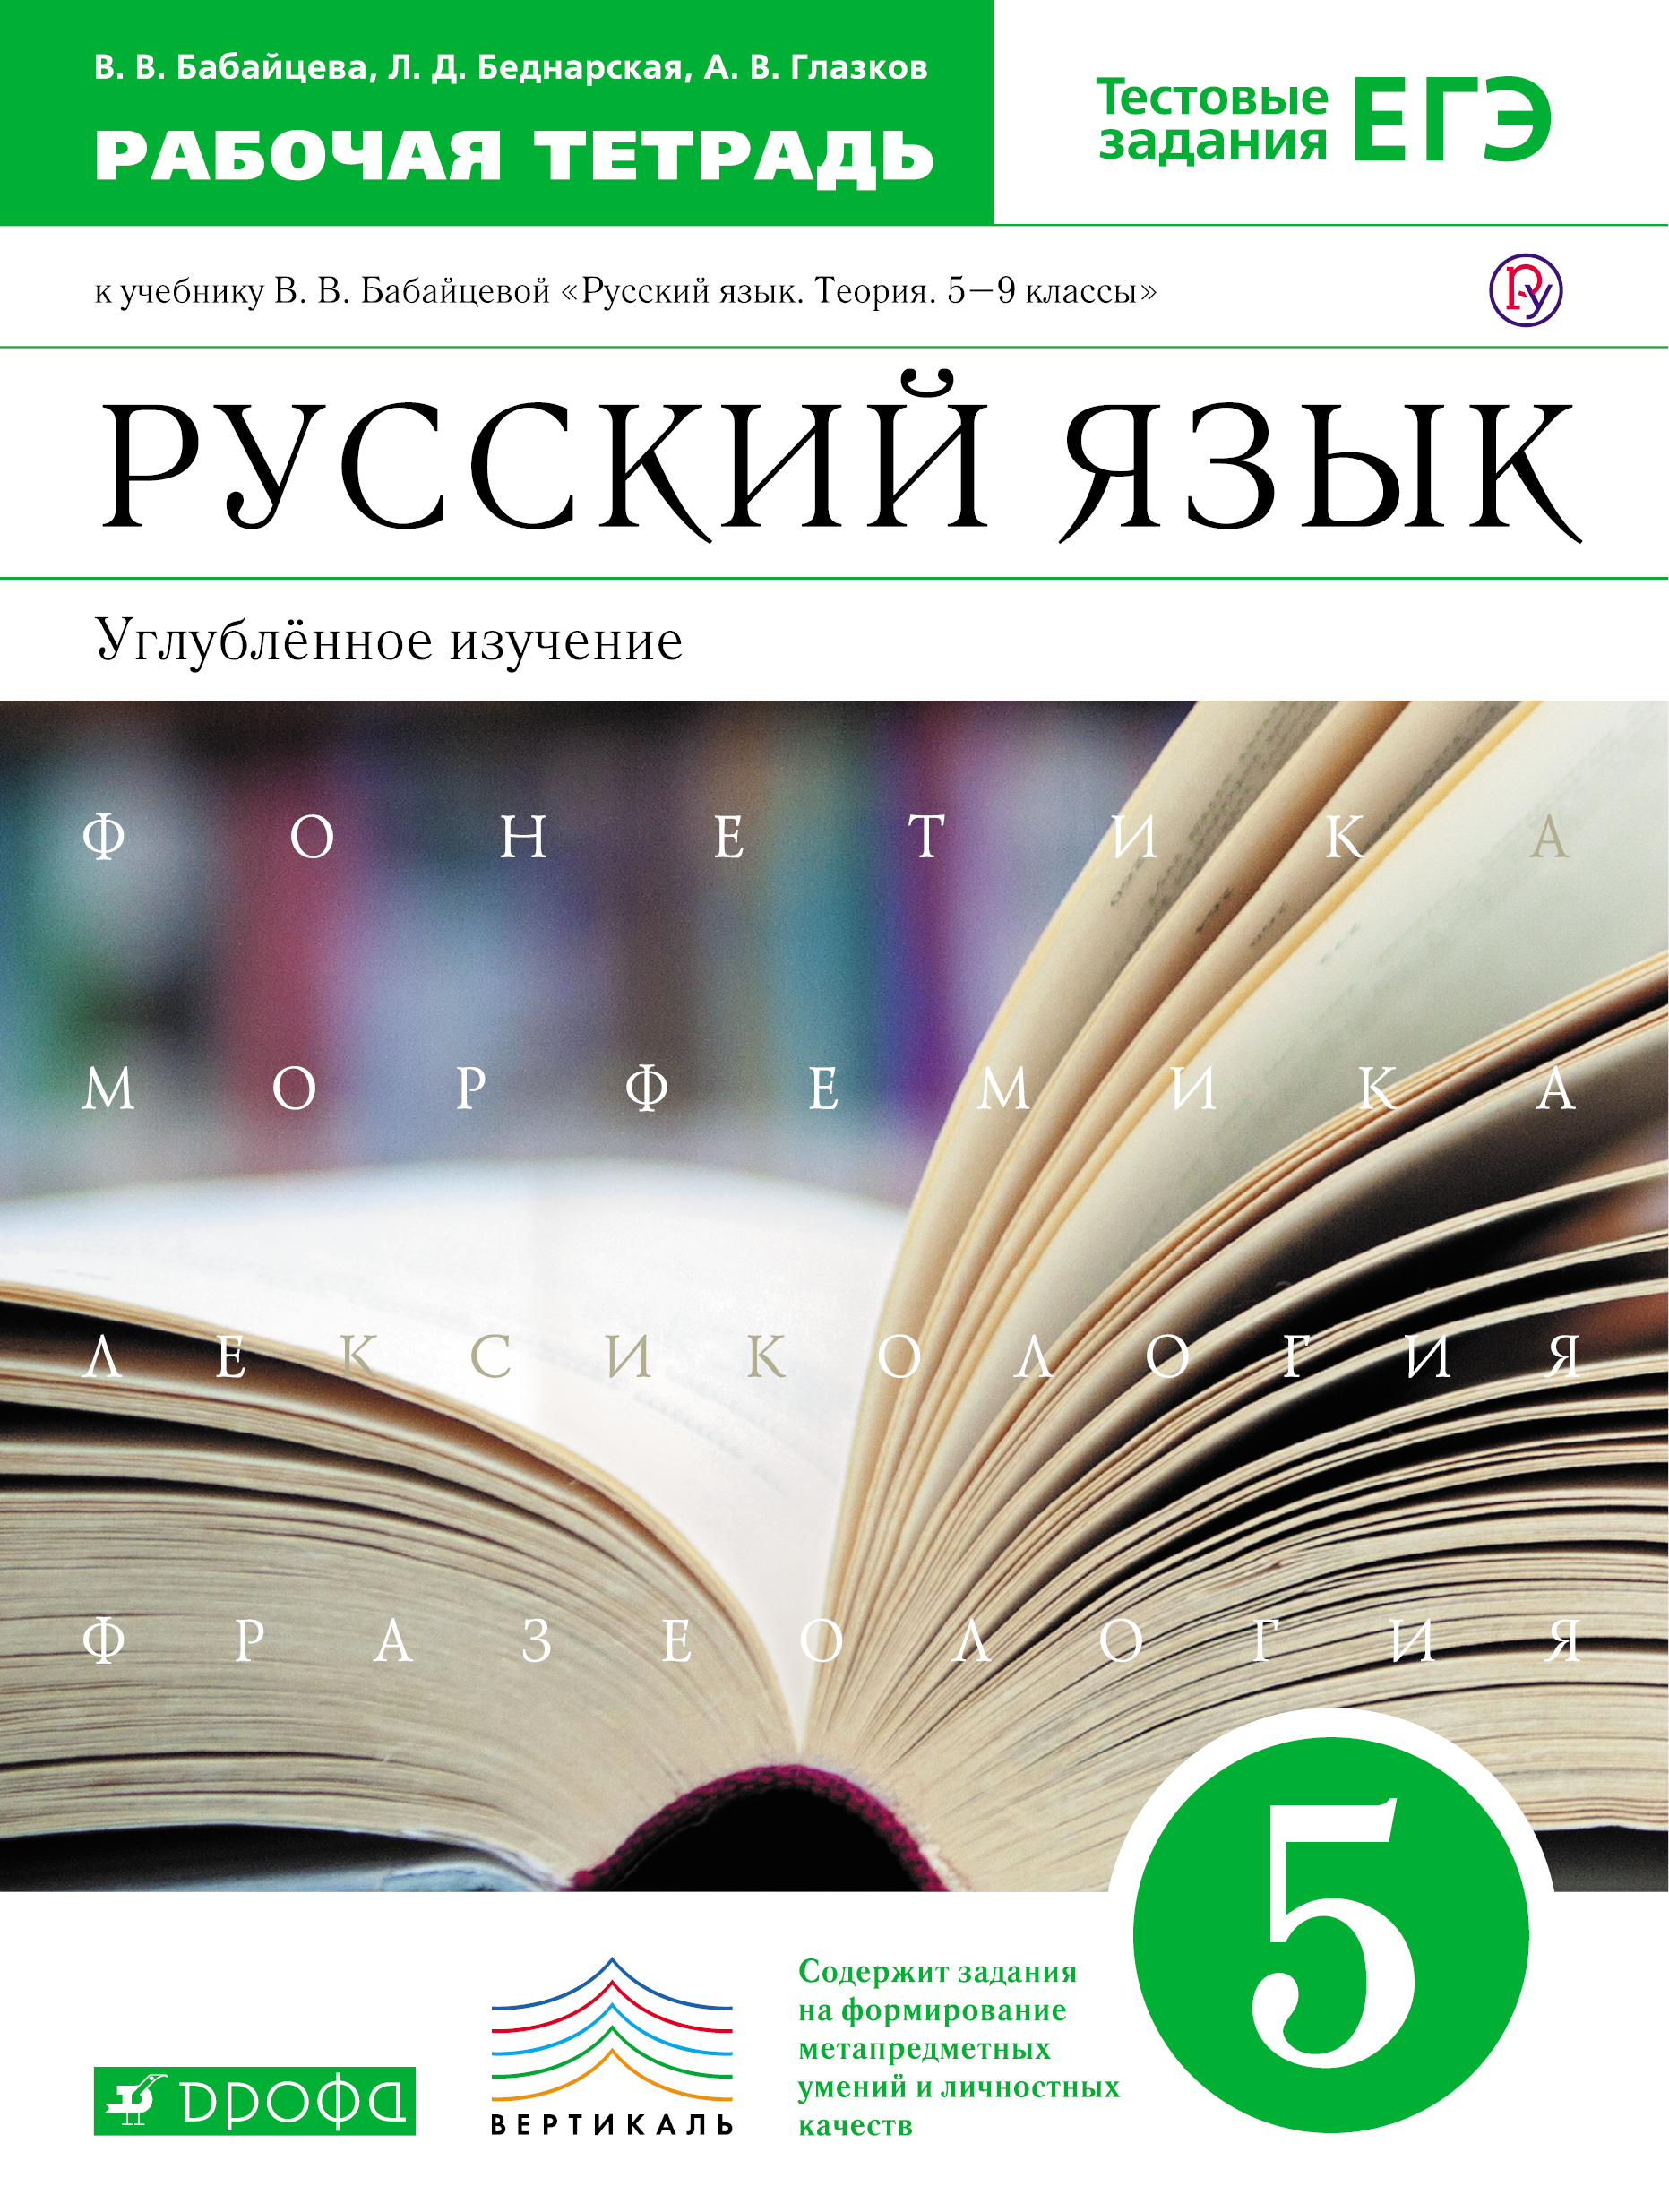 Рабочая тетрадь по русскому языку 9 класс бабайцева гдз